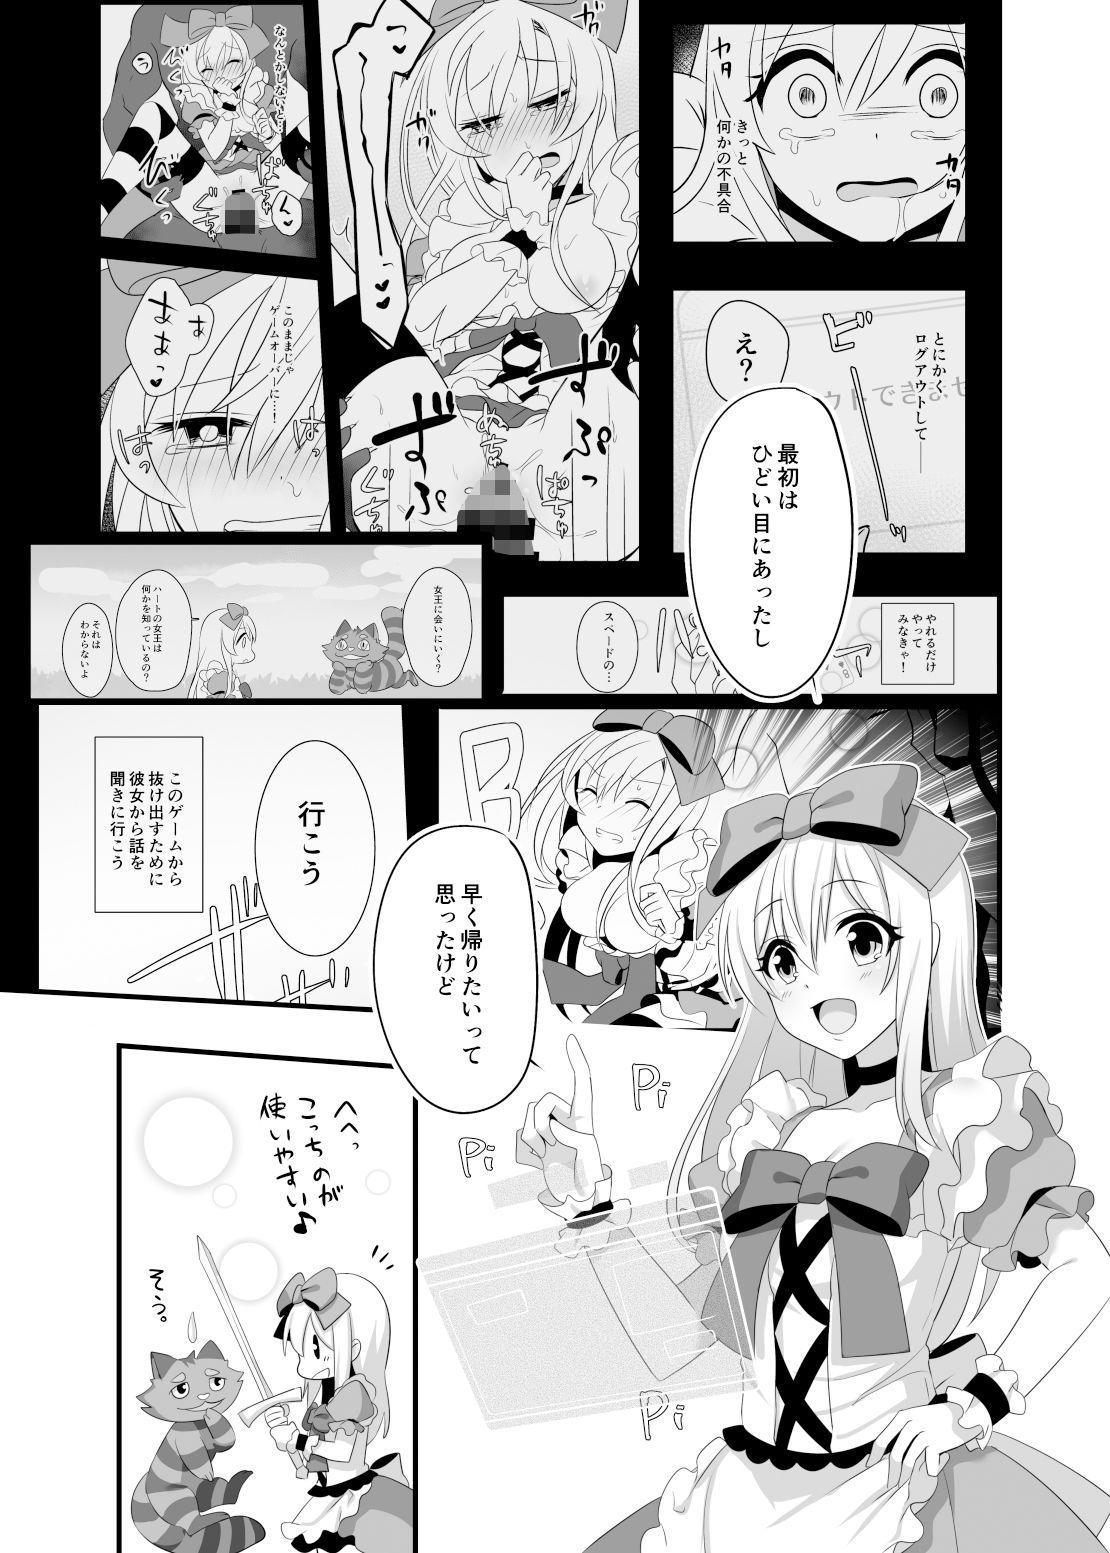 【矢印キー 同人】仮想童話は危険がいっぱい!?夢見がちな少女編2